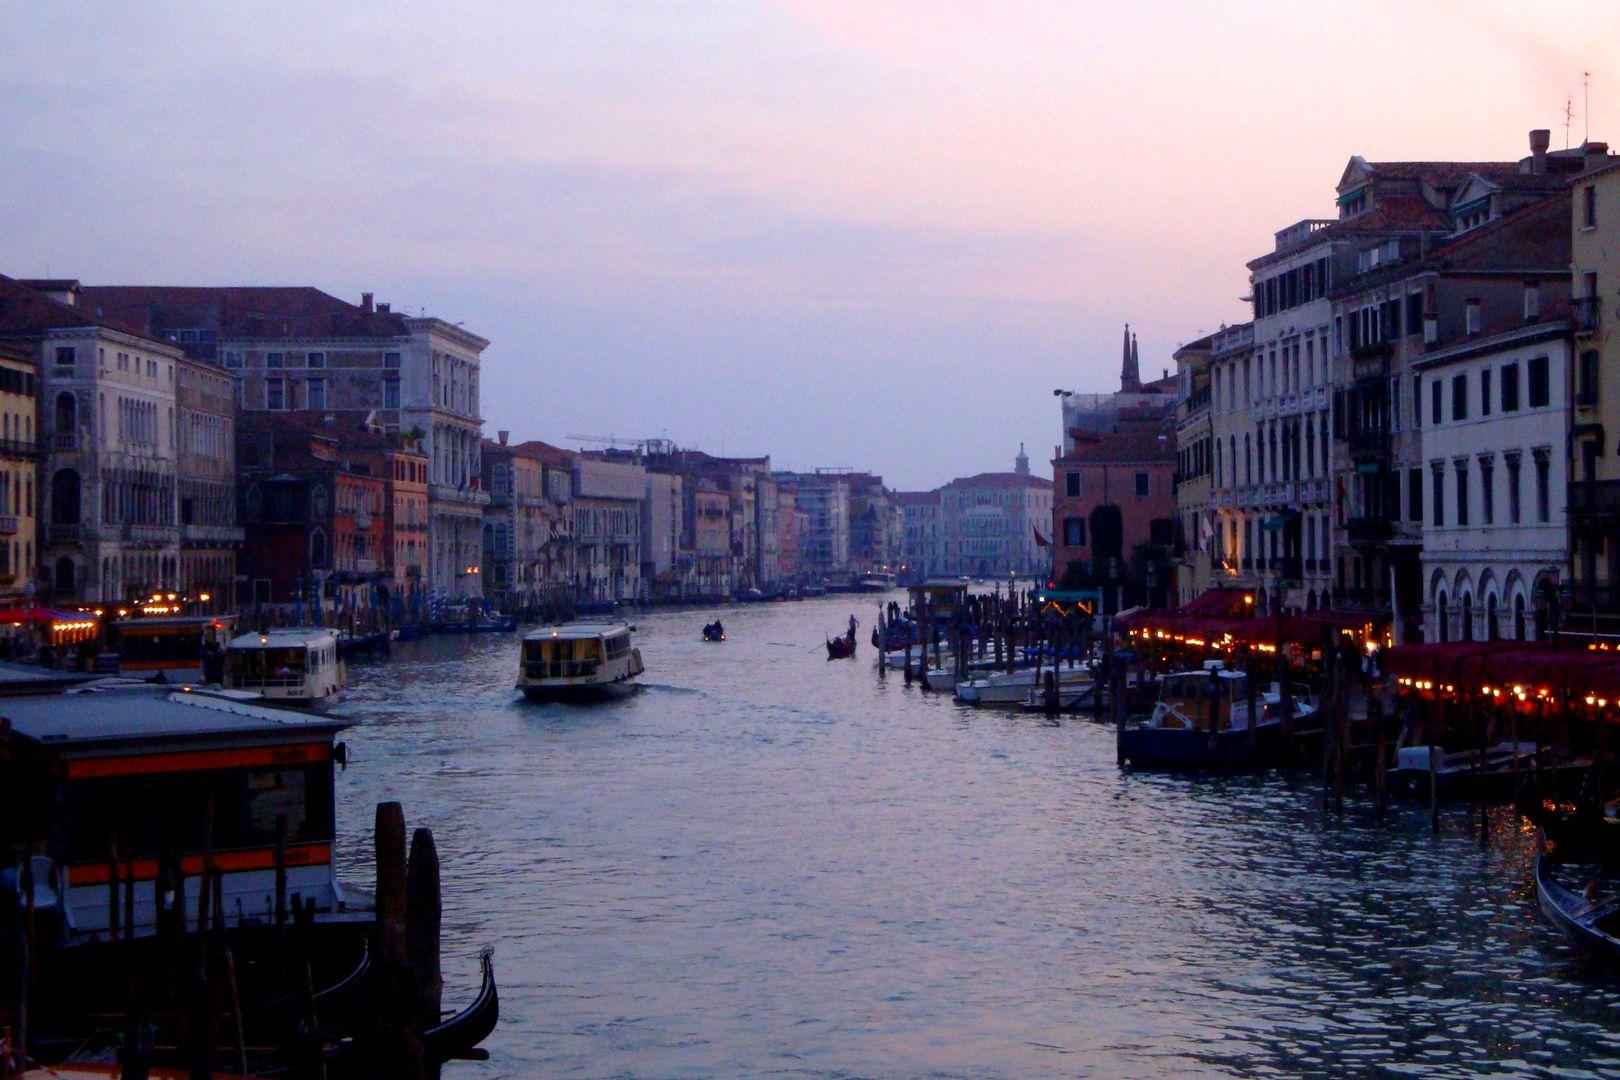 Italie - Coucher de soleil sur le Grand Canal de Venise